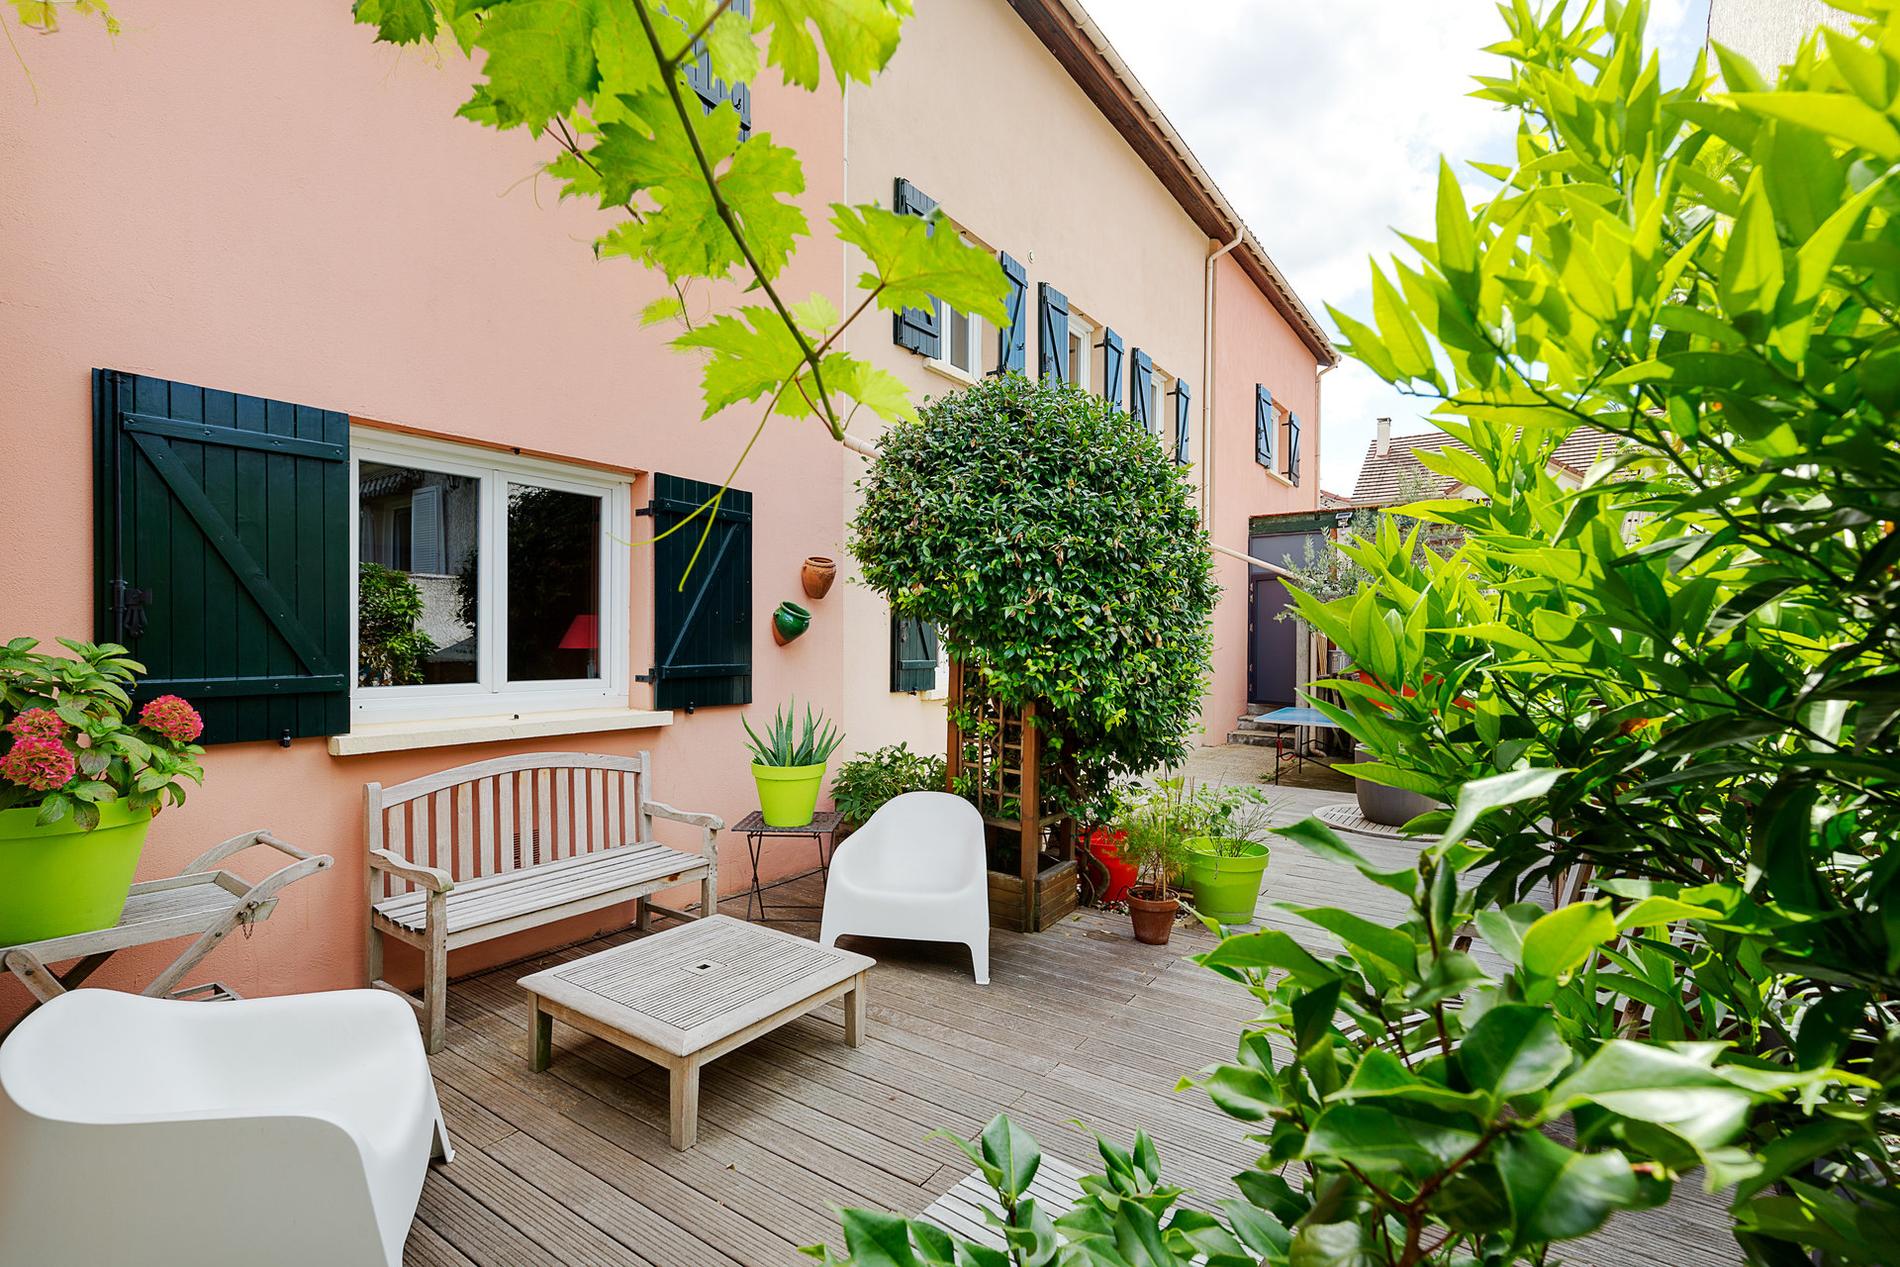 maison-charme-provencal-a-vendre-suresnes-terrasse-pergola-piscine-couverte-cave-vins-atelier-bricolage